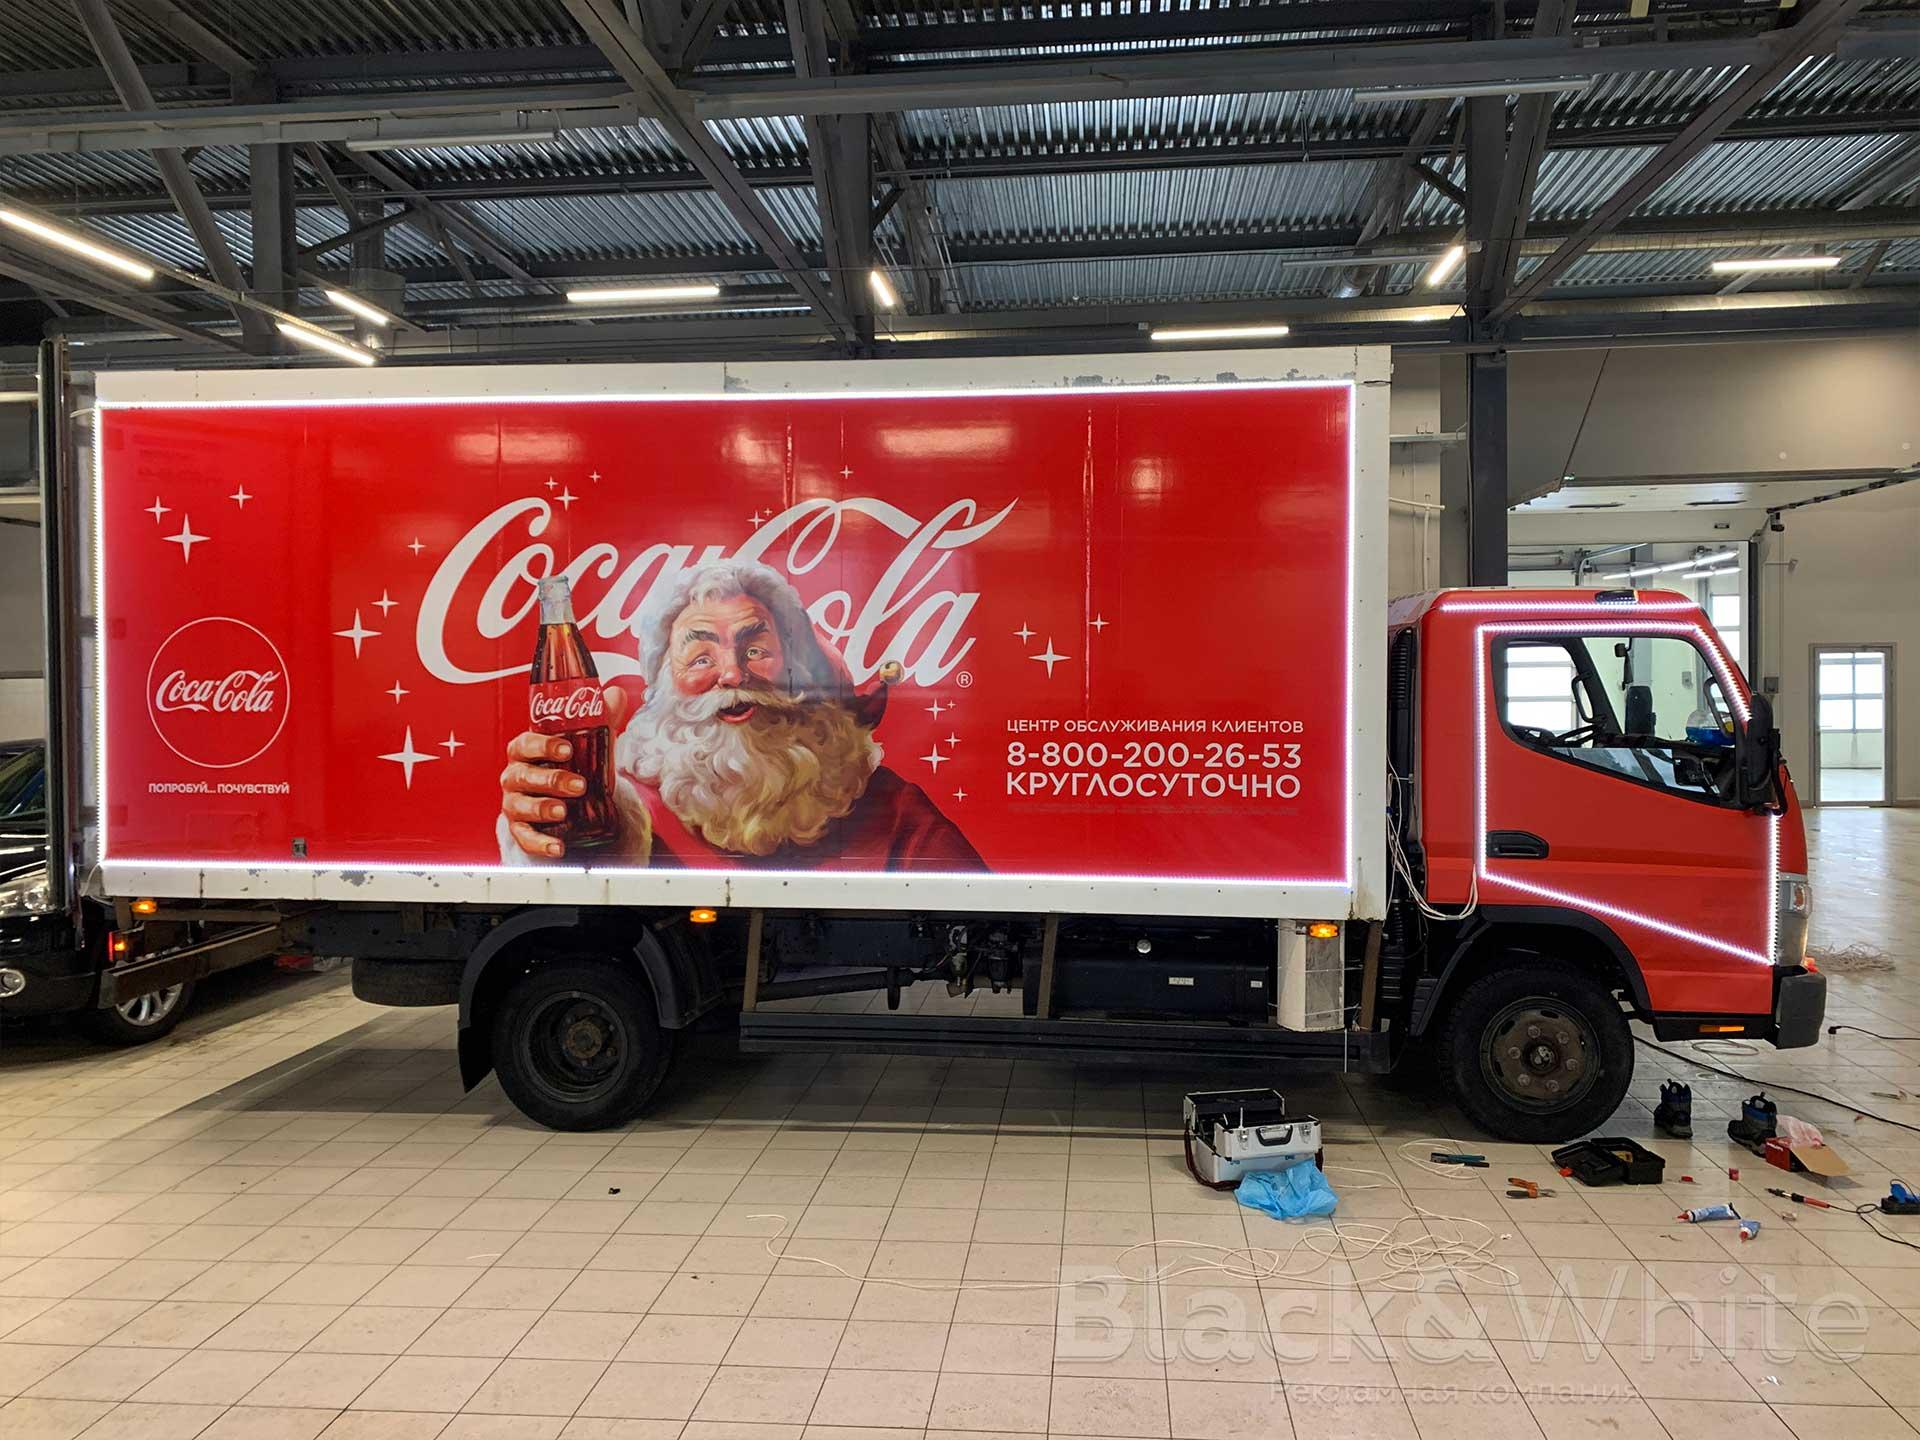 Брендирование-грузовиков-Кока-Кола-подсветка-светодиодной-лентой-красноярск..jpg